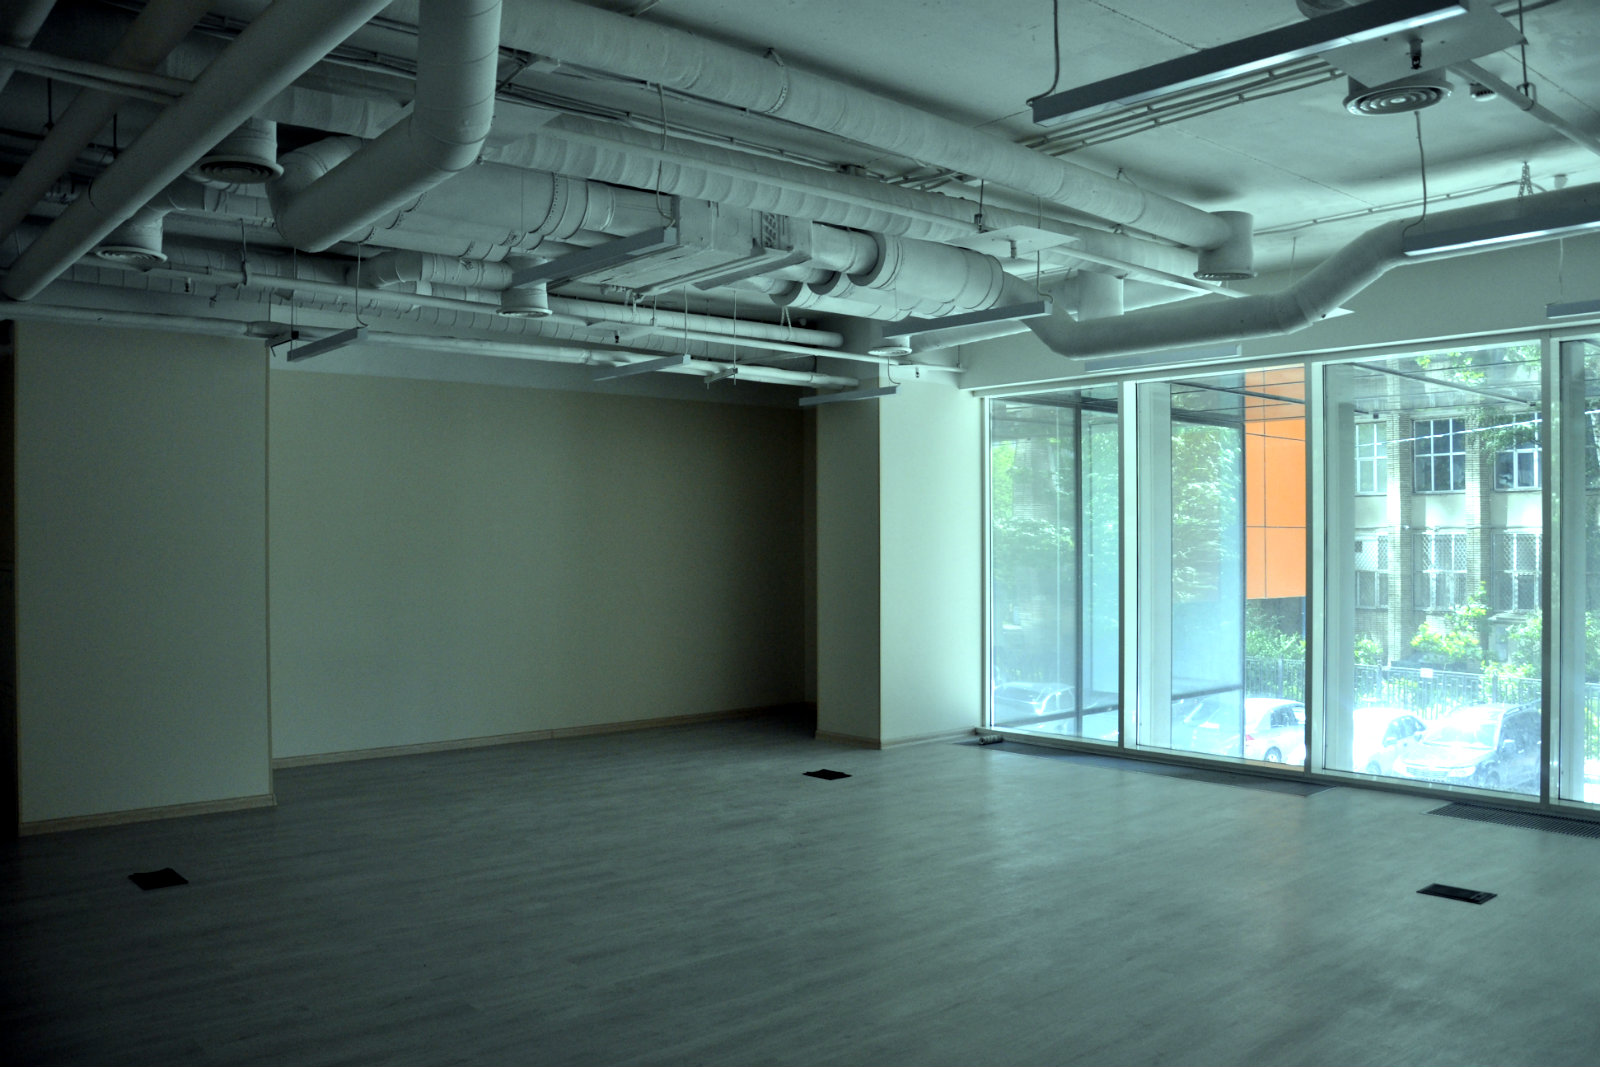 Аренда офисов в головинском районе помещение для персонала Марьина роща